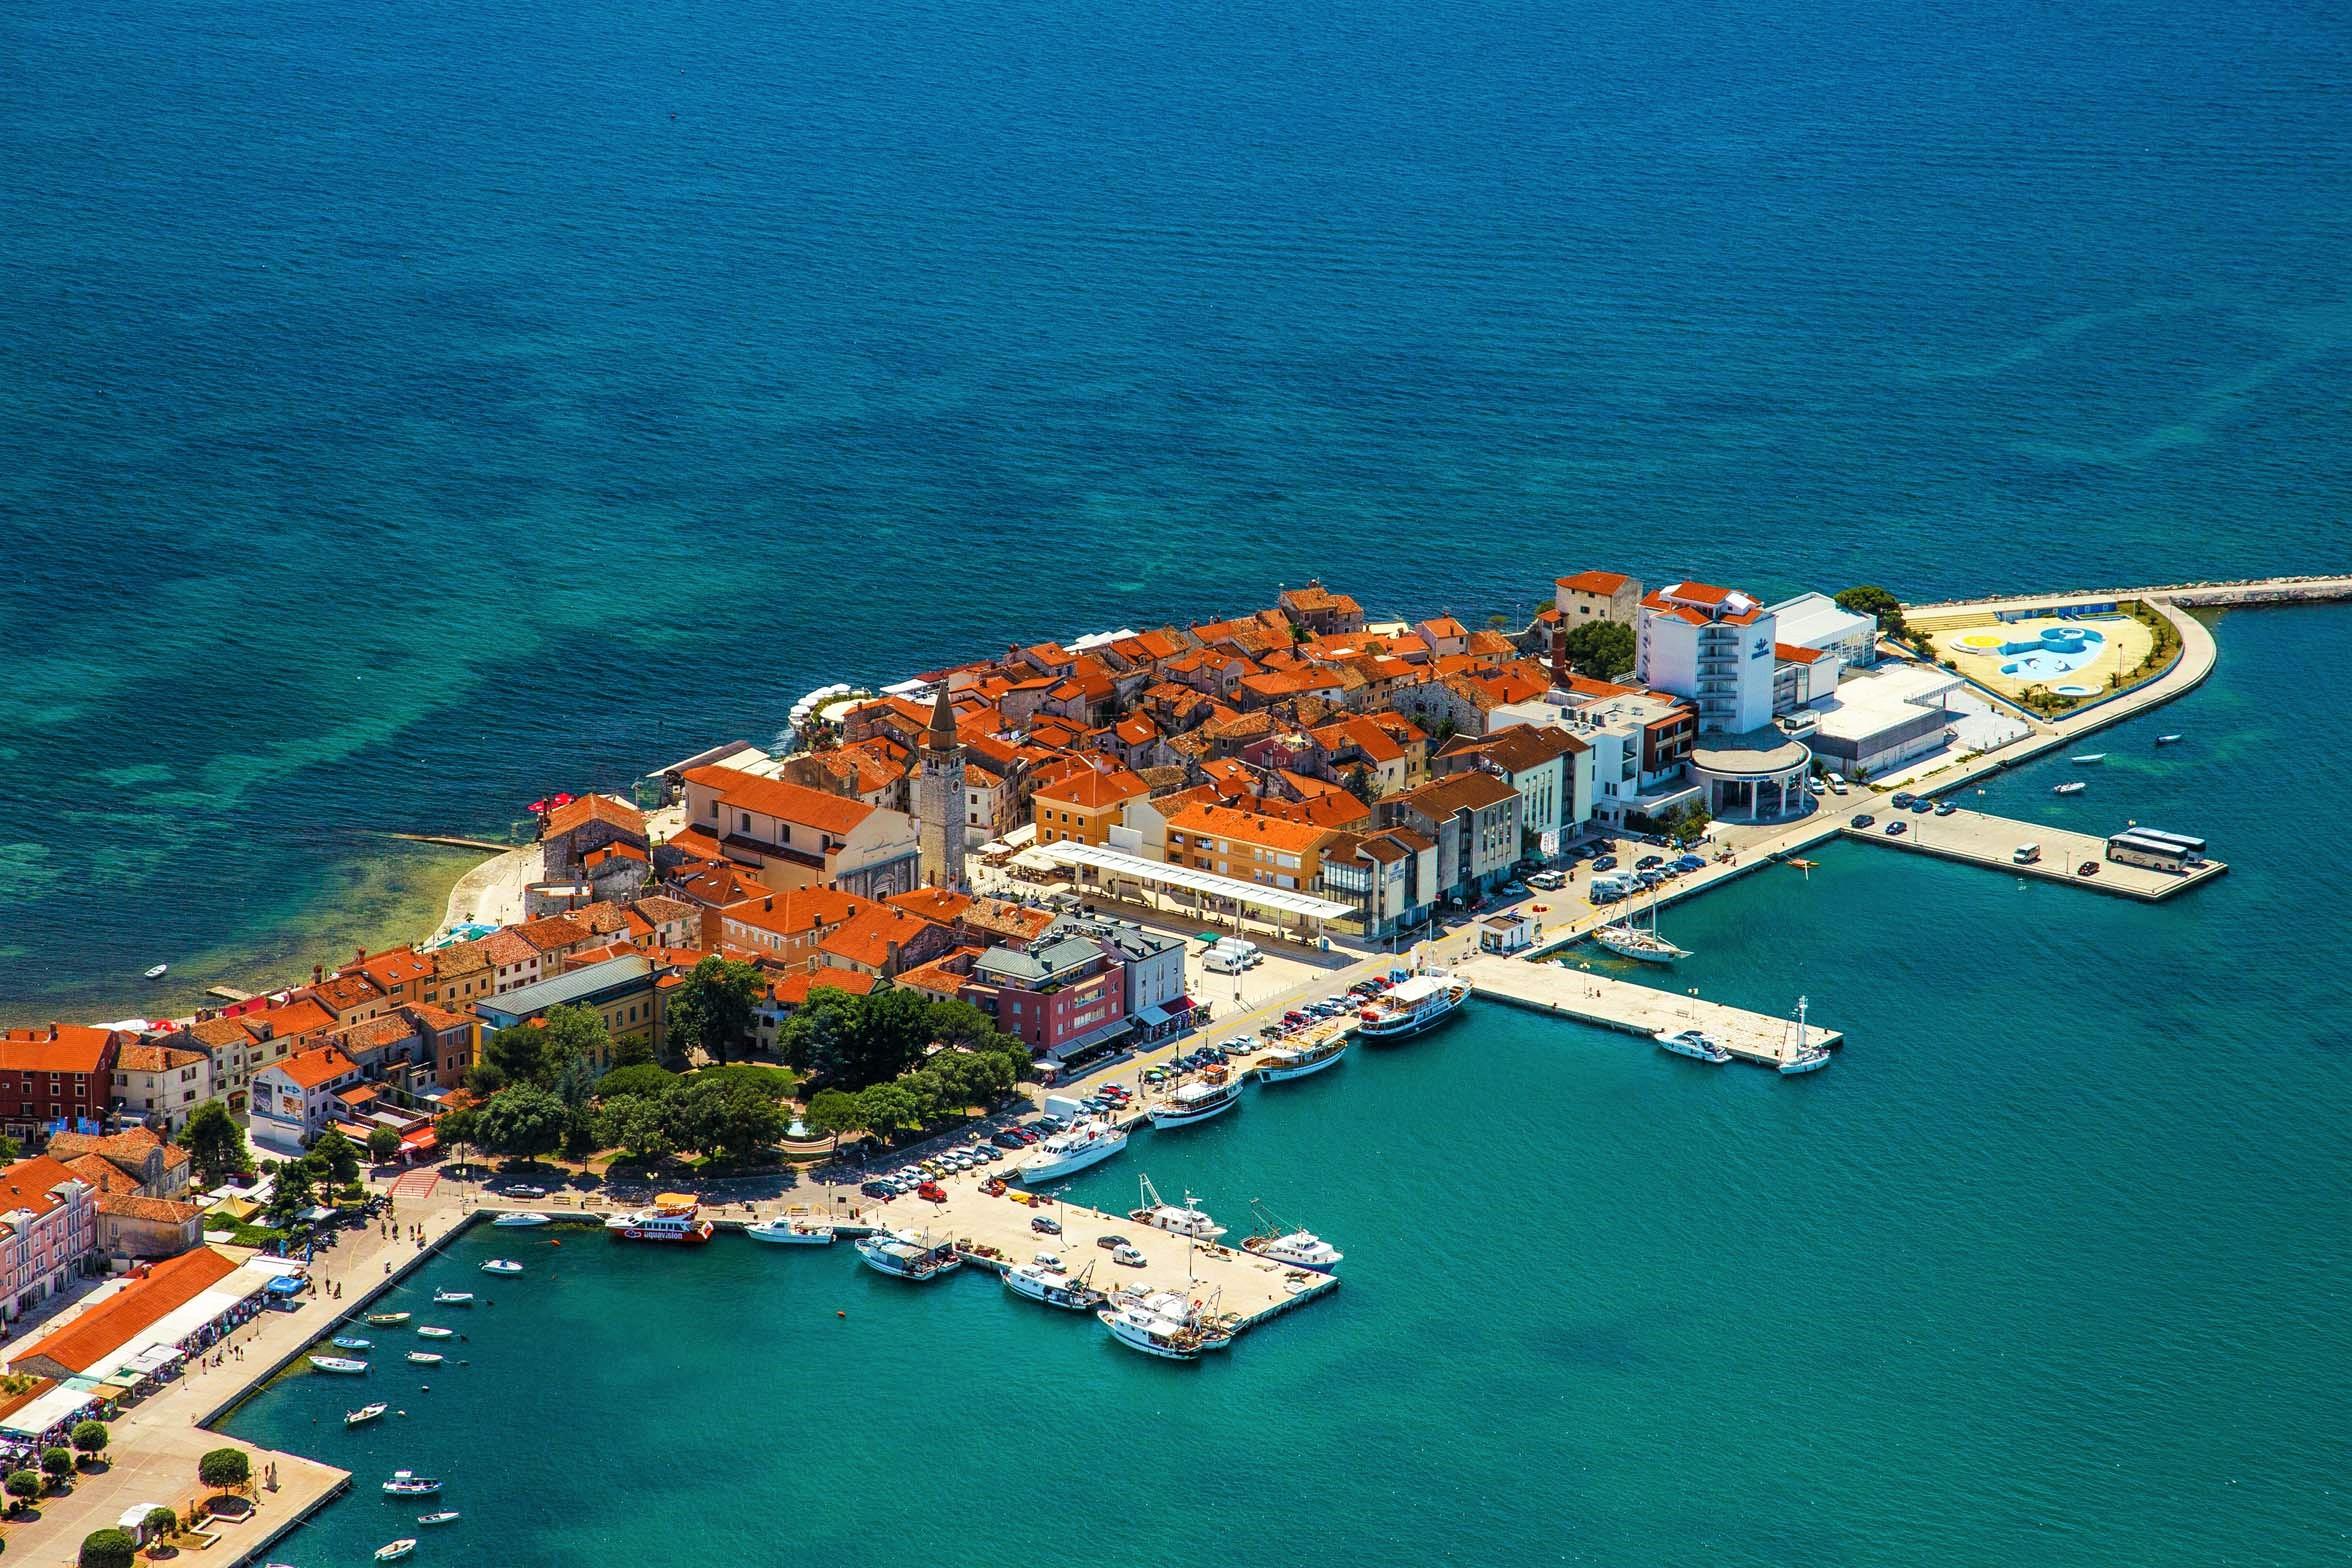 Umag Отдых в Хорватии туры хорватию хорватия Отдых в Хорватии — 9 курортных мест Адриатического побережья Umag